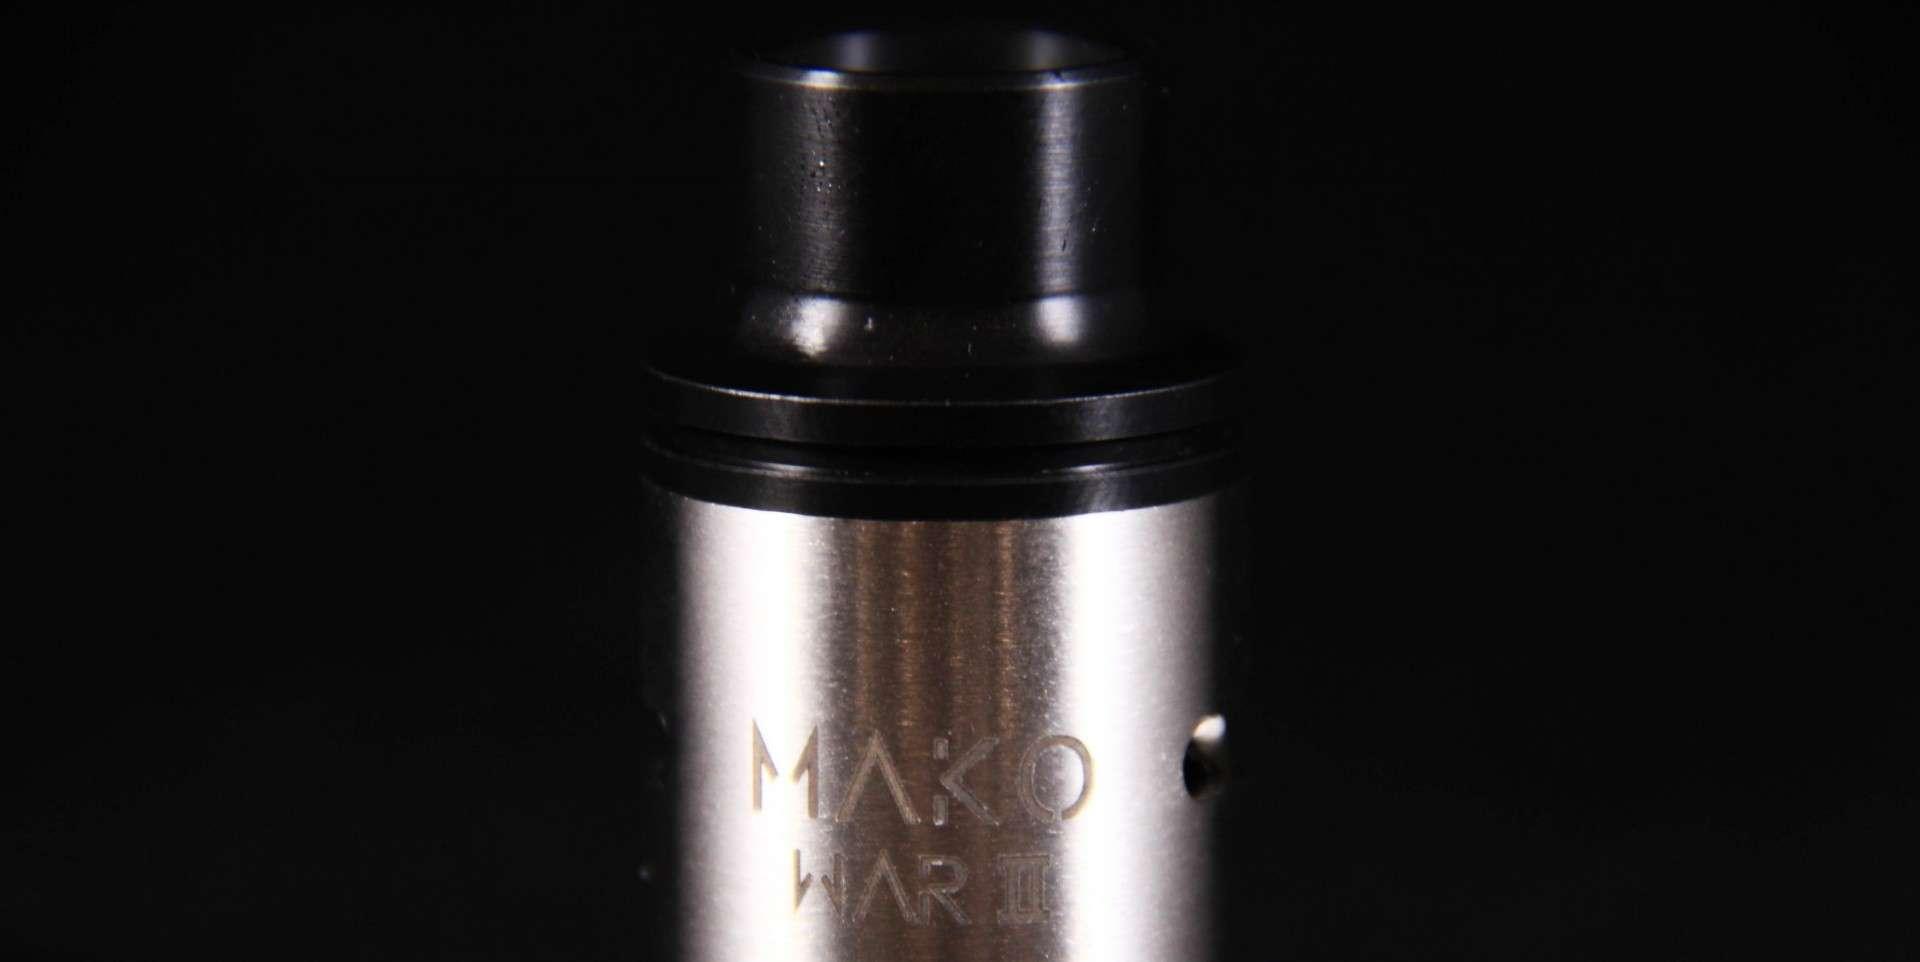 Mako War 2